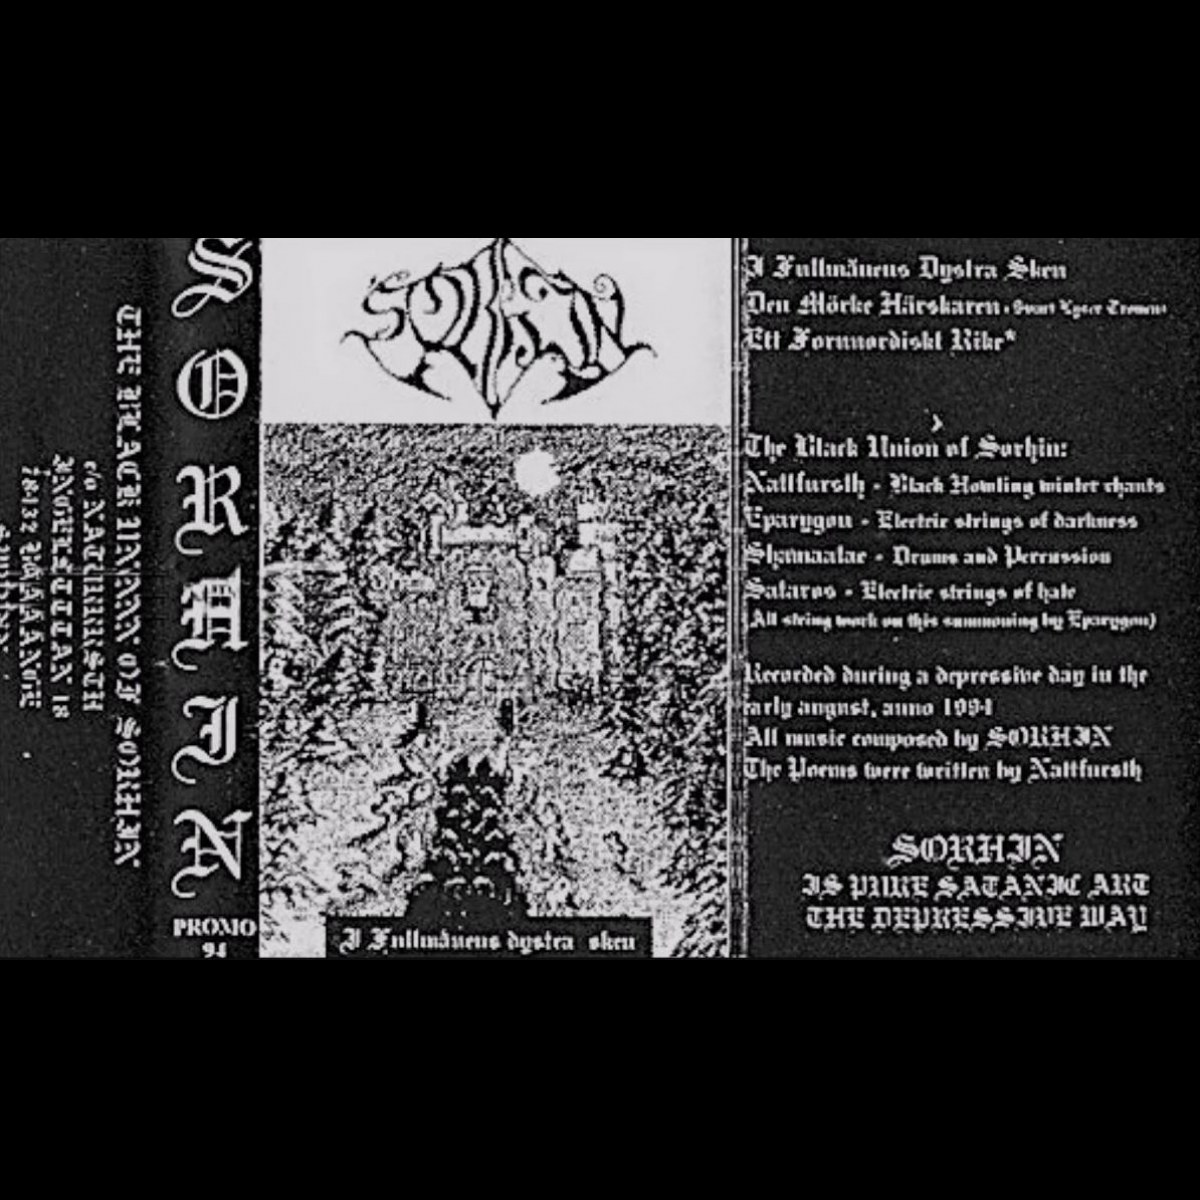 Sorhin - I Fullmånens Dystra Sken